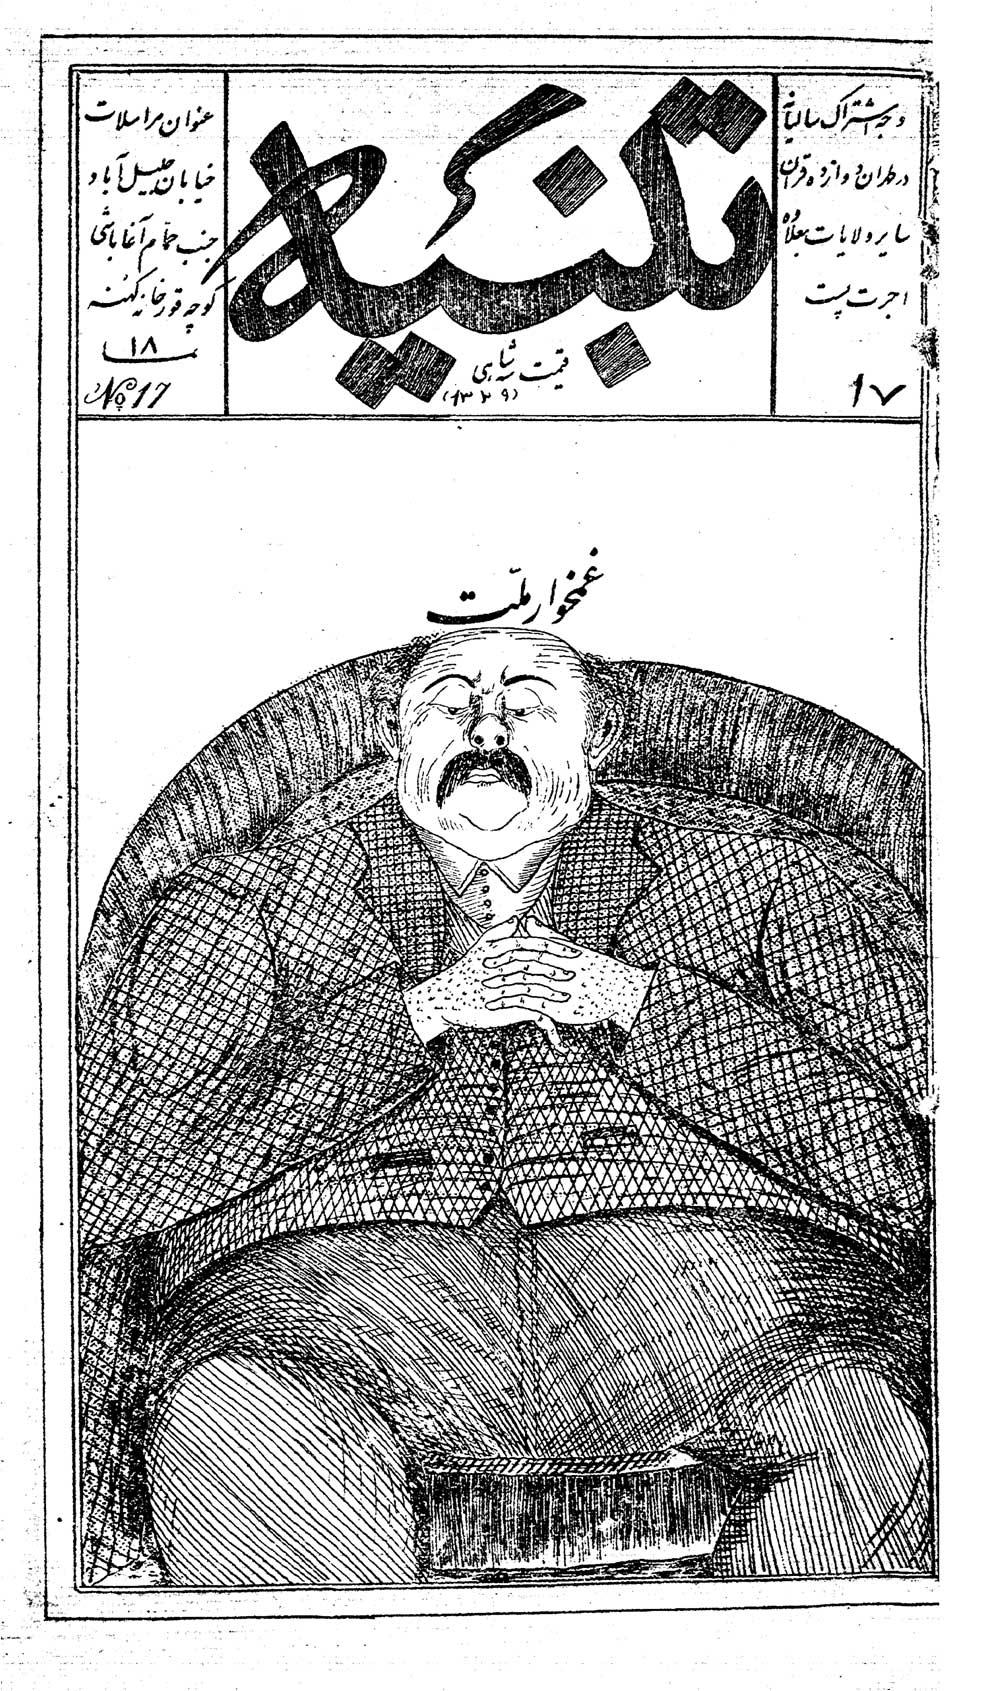 برگی از روزنامه فکاهی سیاسی تنبیه